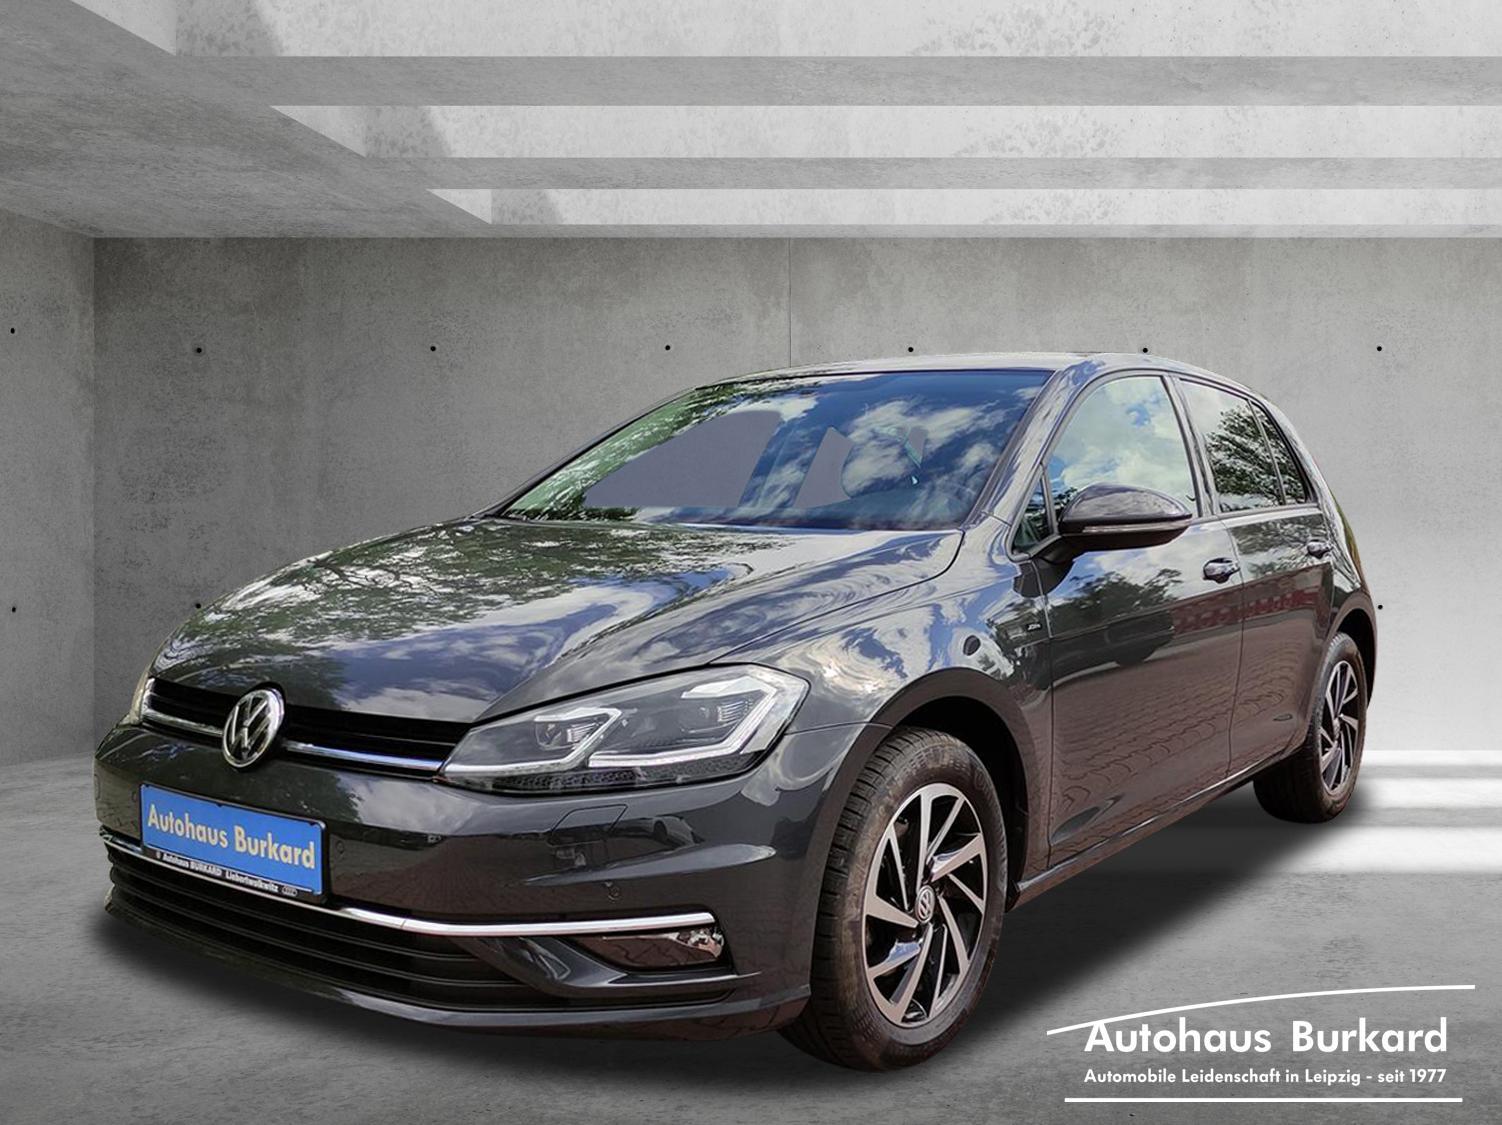 Volkswagen Golf Join 1.6 TDI 115PS LED ACC Euro 6 Klima, Jahr 2018, Diesel